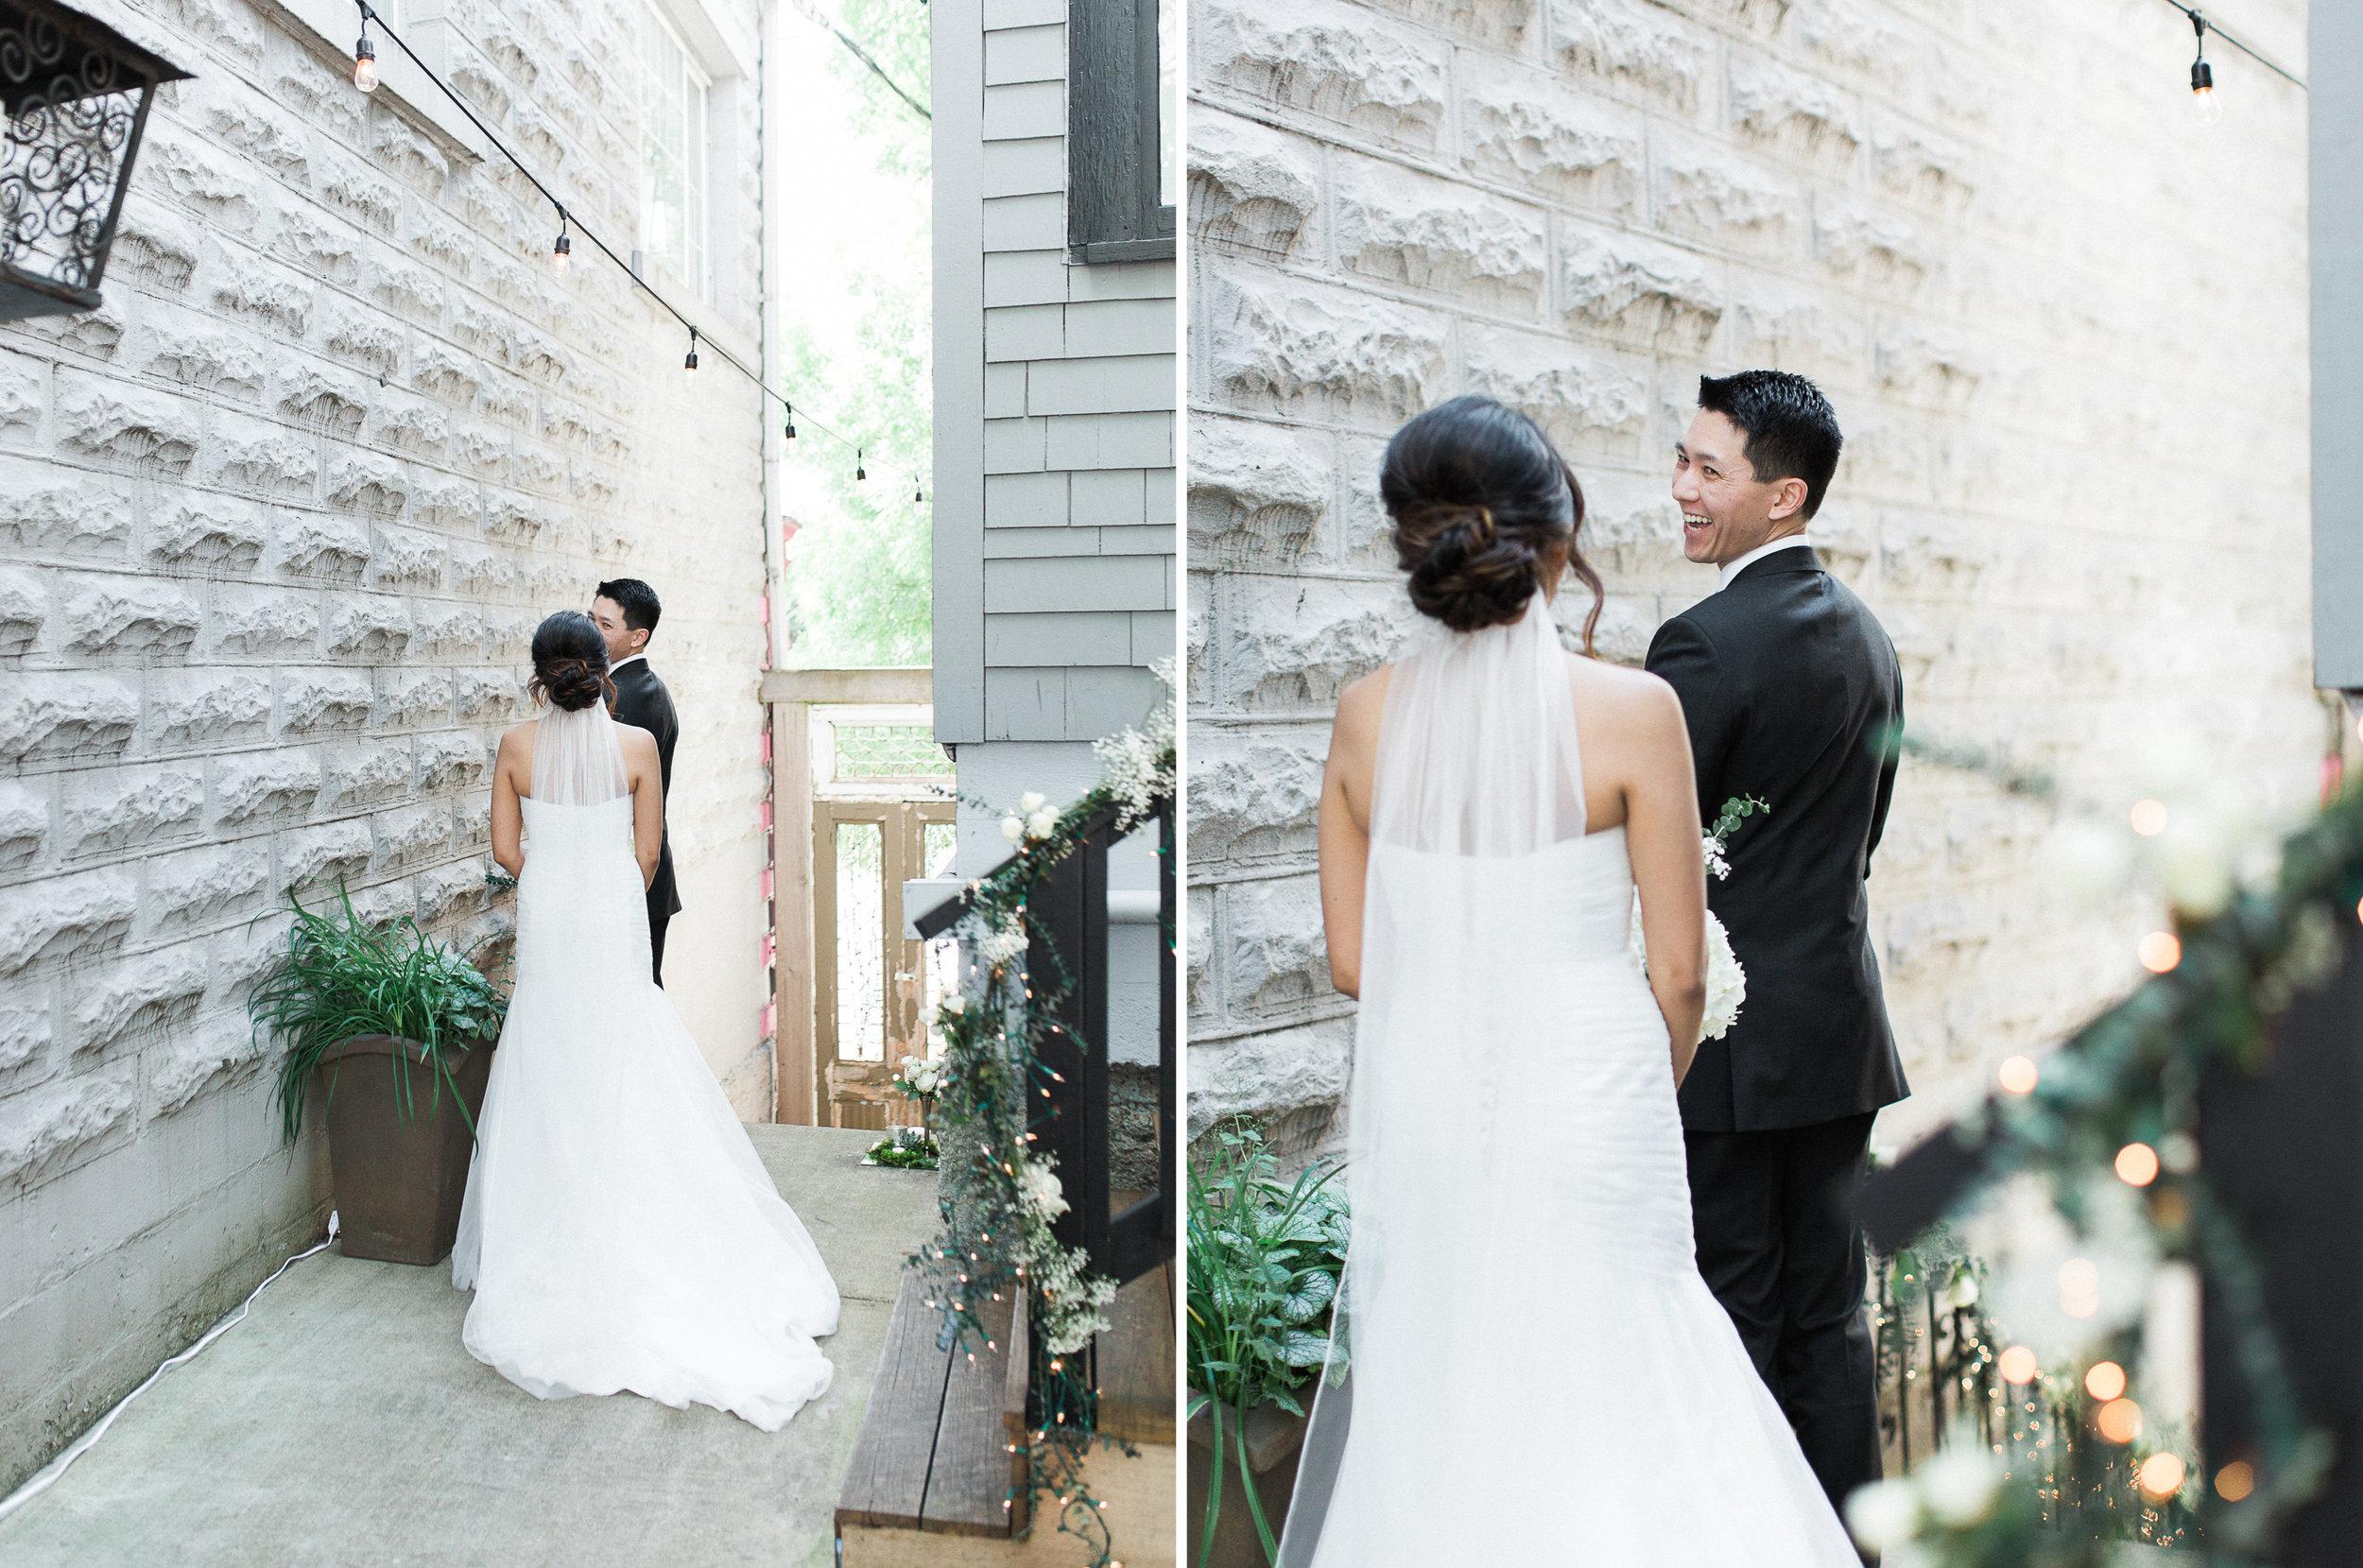 opal-28-urban-portland-greenery-wedding-7.jpg